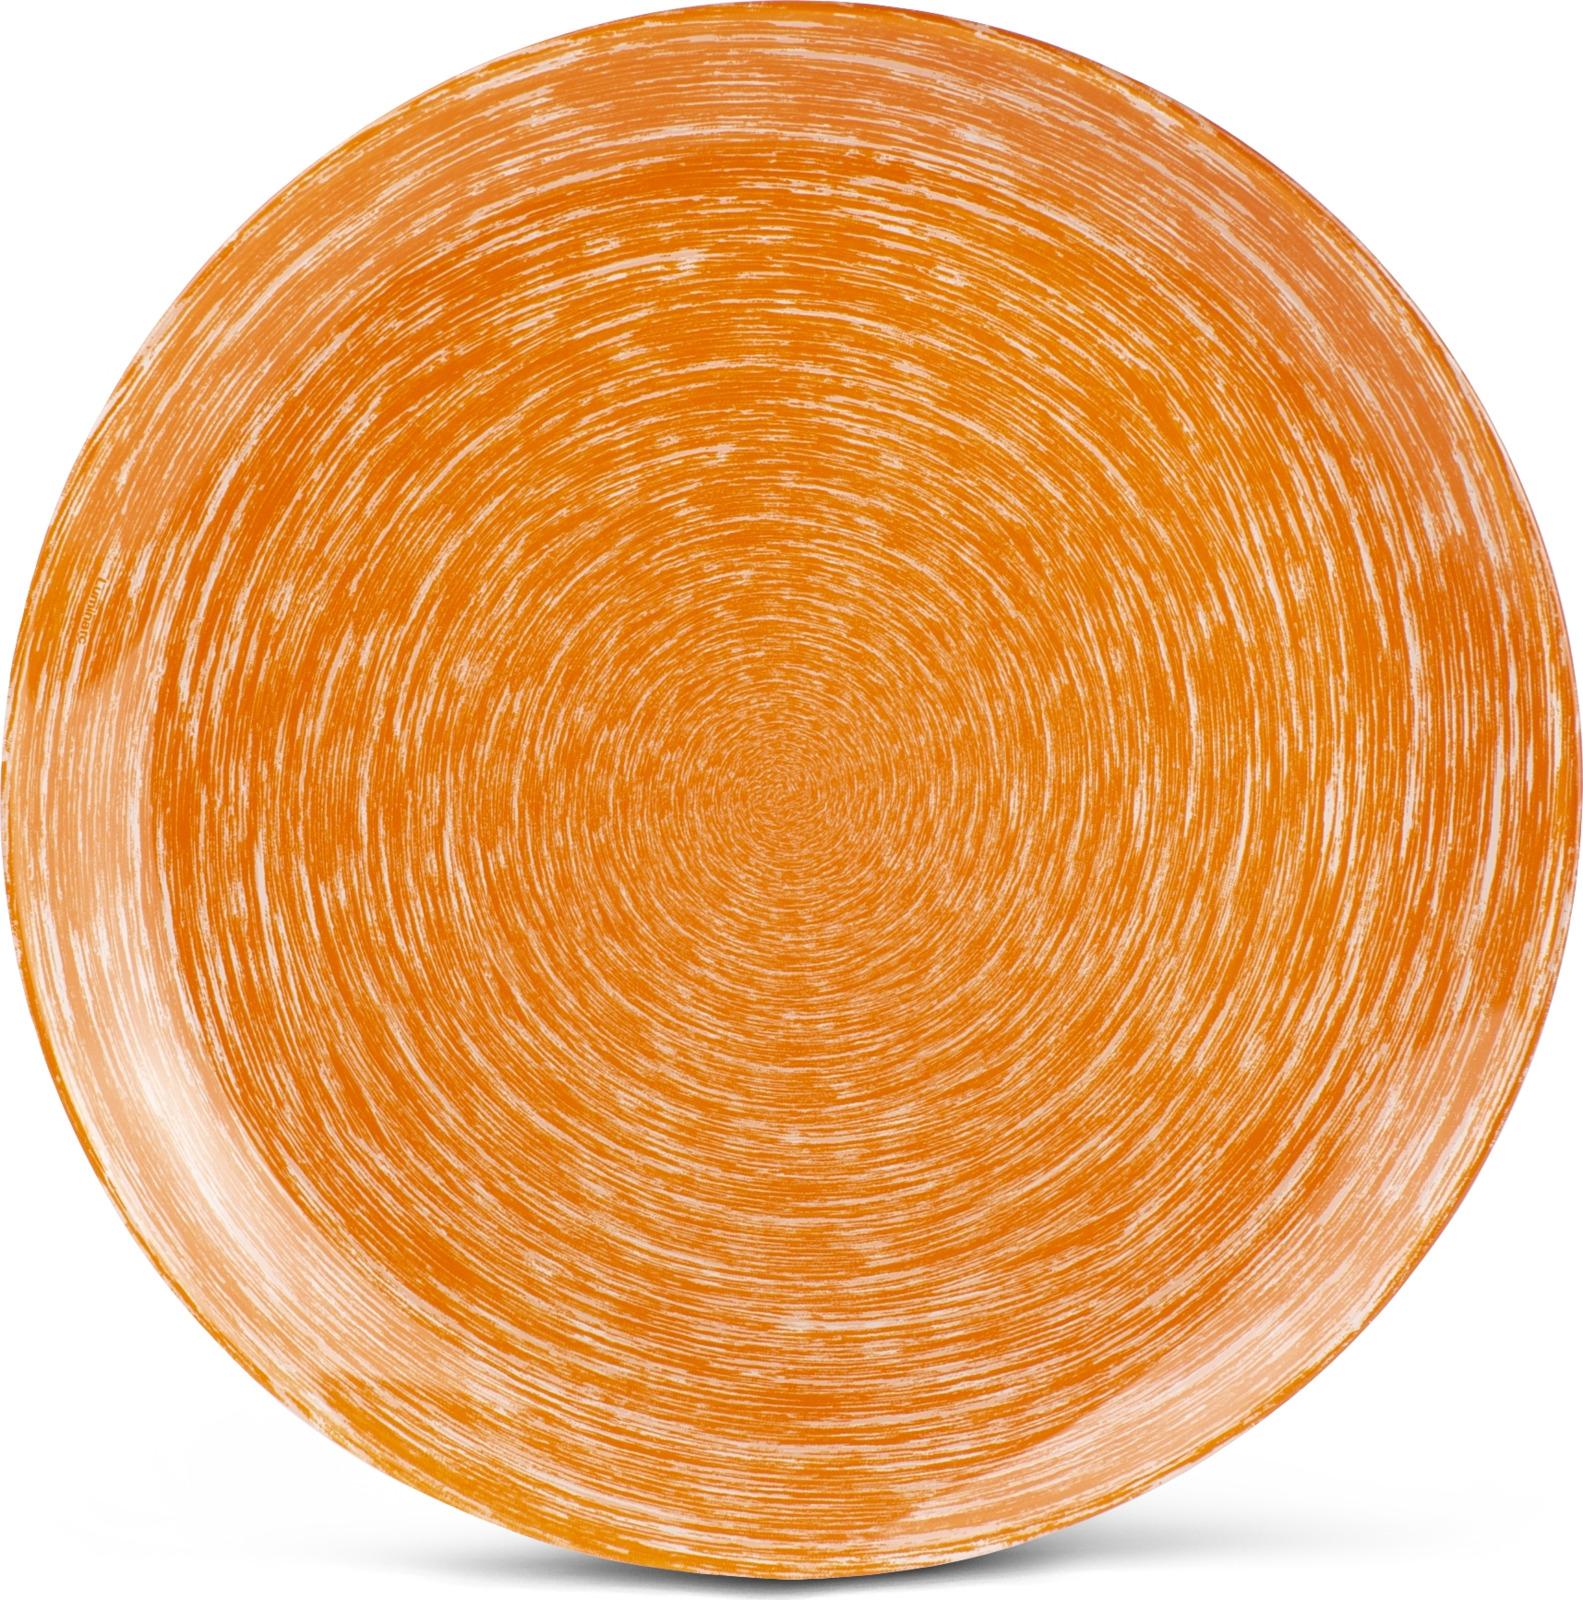 Тарелка Luminarc Брашмания, P1401, оранжевый, диаметр 26 смP1401ТарелкаLuminarcидеально подойдет для сервировки вторых блюд из птицы, рыбы, мяса или овощей, а также станет отличным подарком к любому празднику.